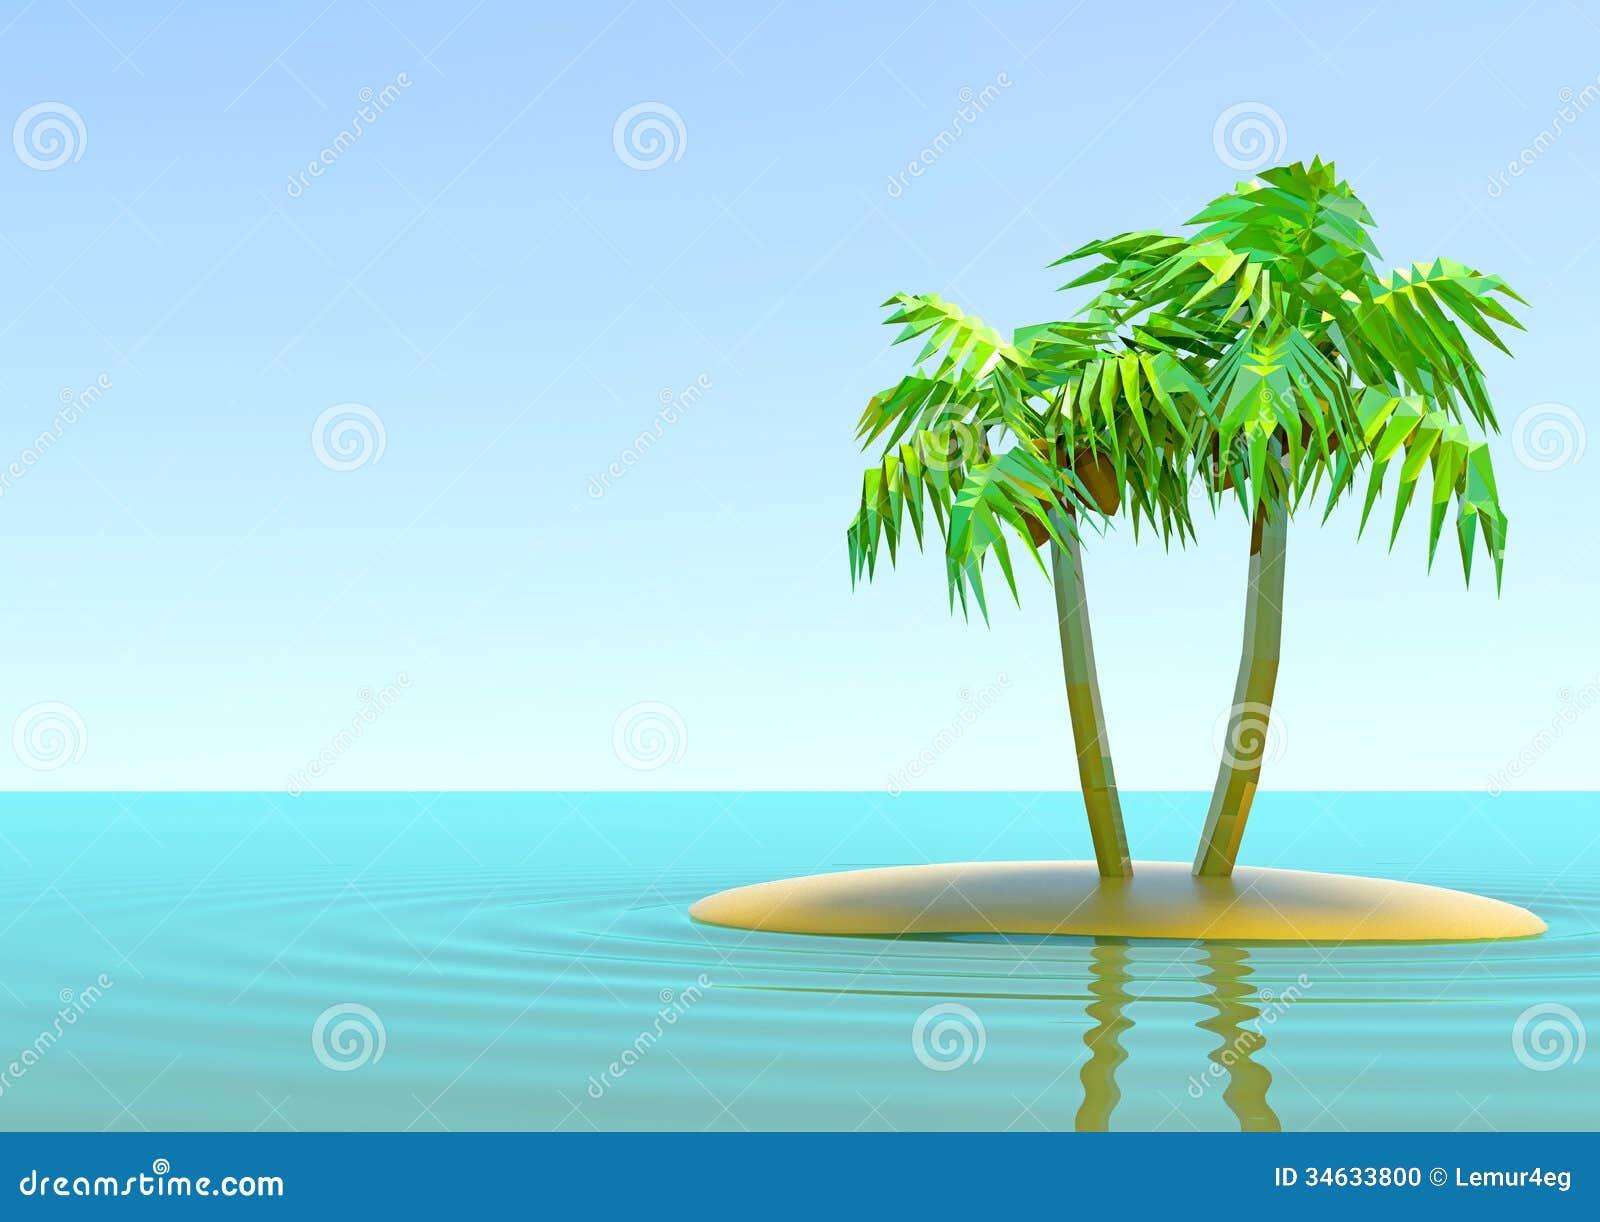 L 39 le d serte avec des palmiers illustration stock illustration du beau climate 34633800 - Palmier clipart ...